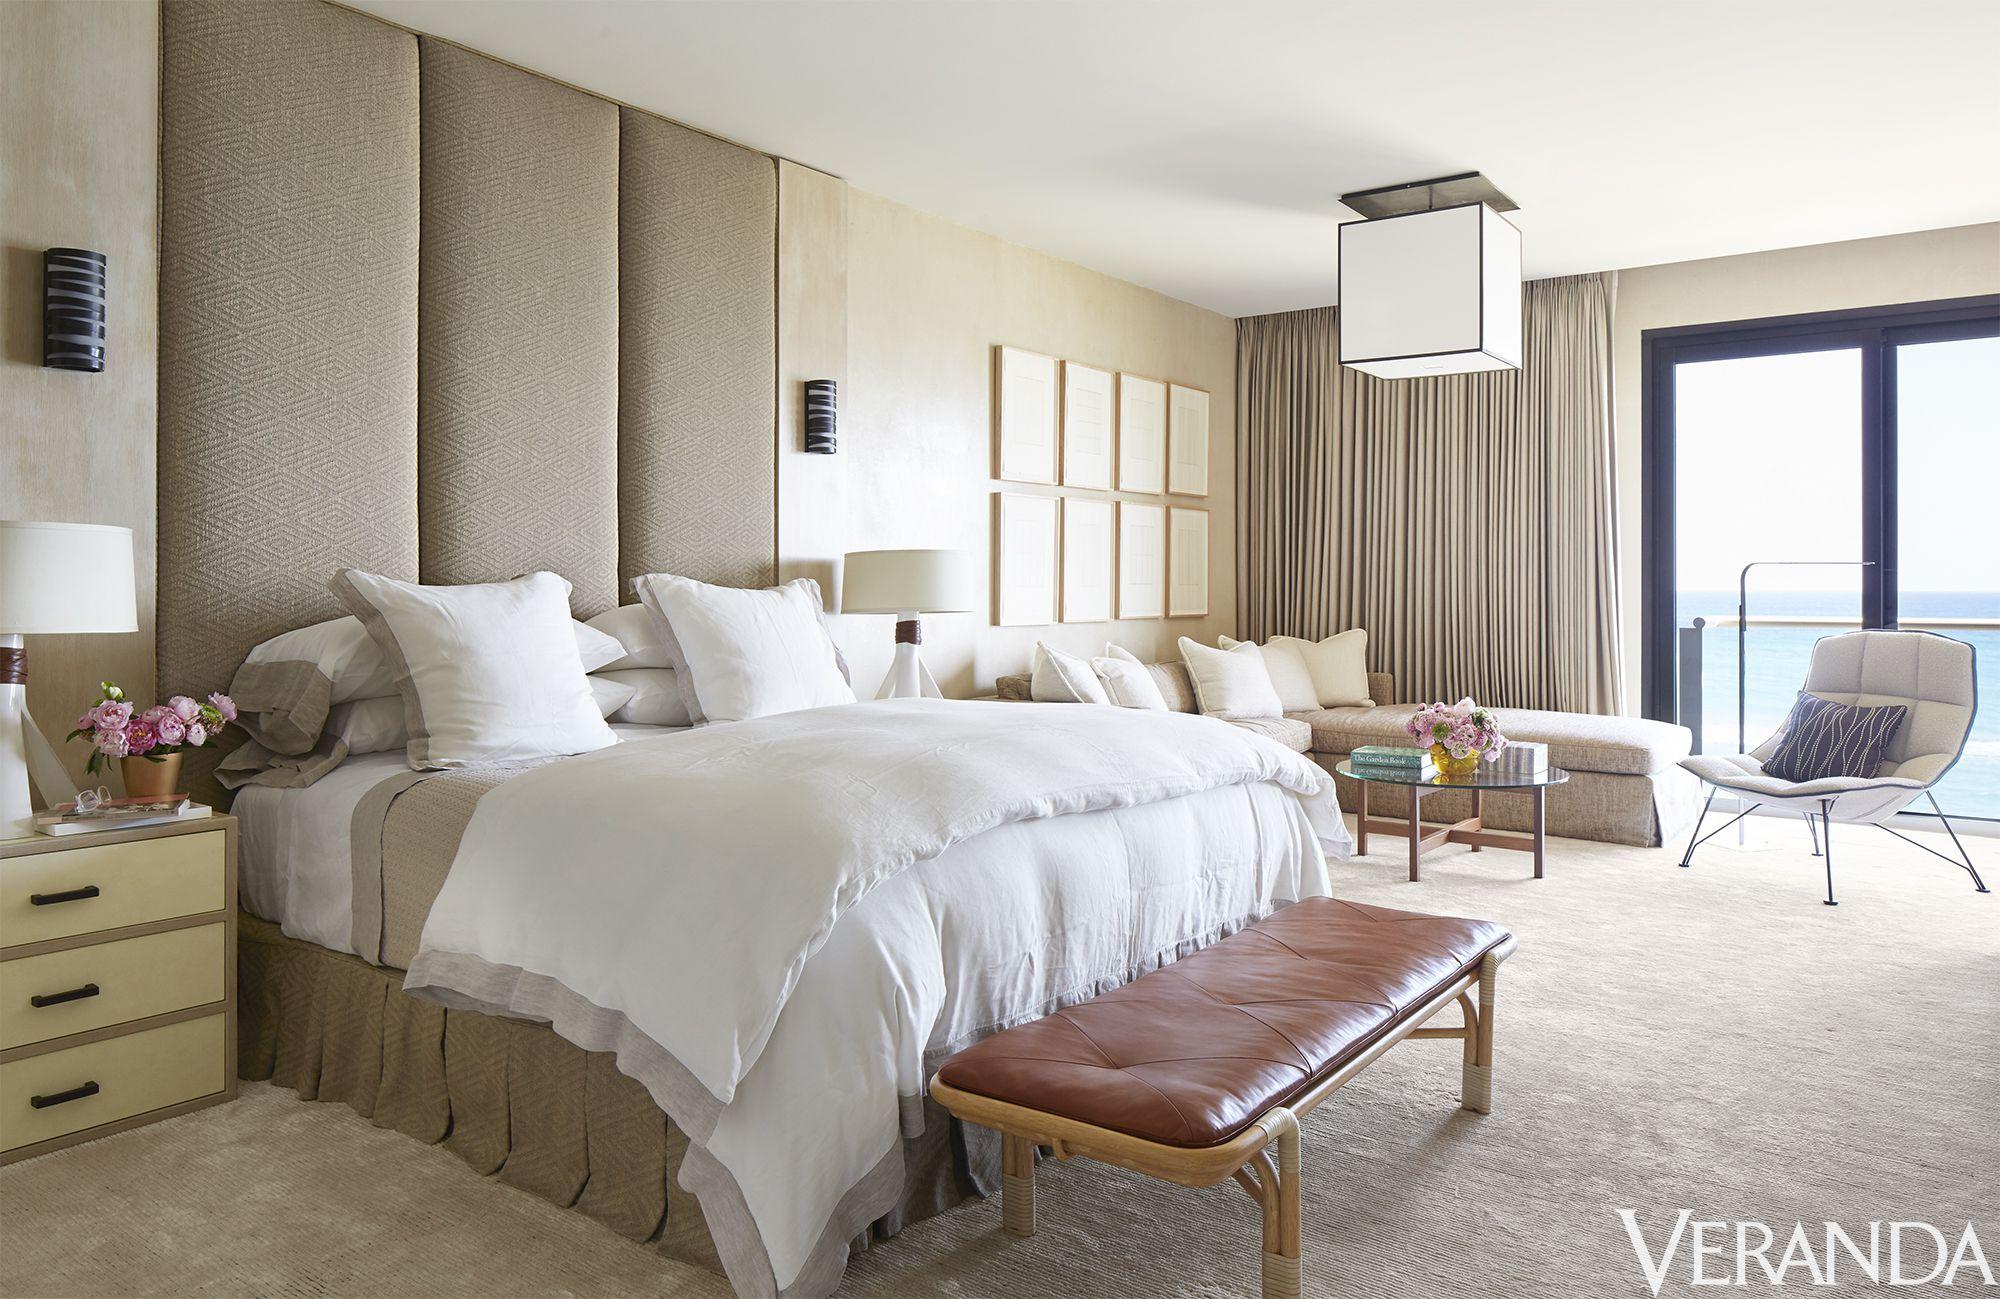 Designer Bedroom 30 Best Bedroom Ideas - Beautiful Bedroom Decorating Tips IFJMQVD